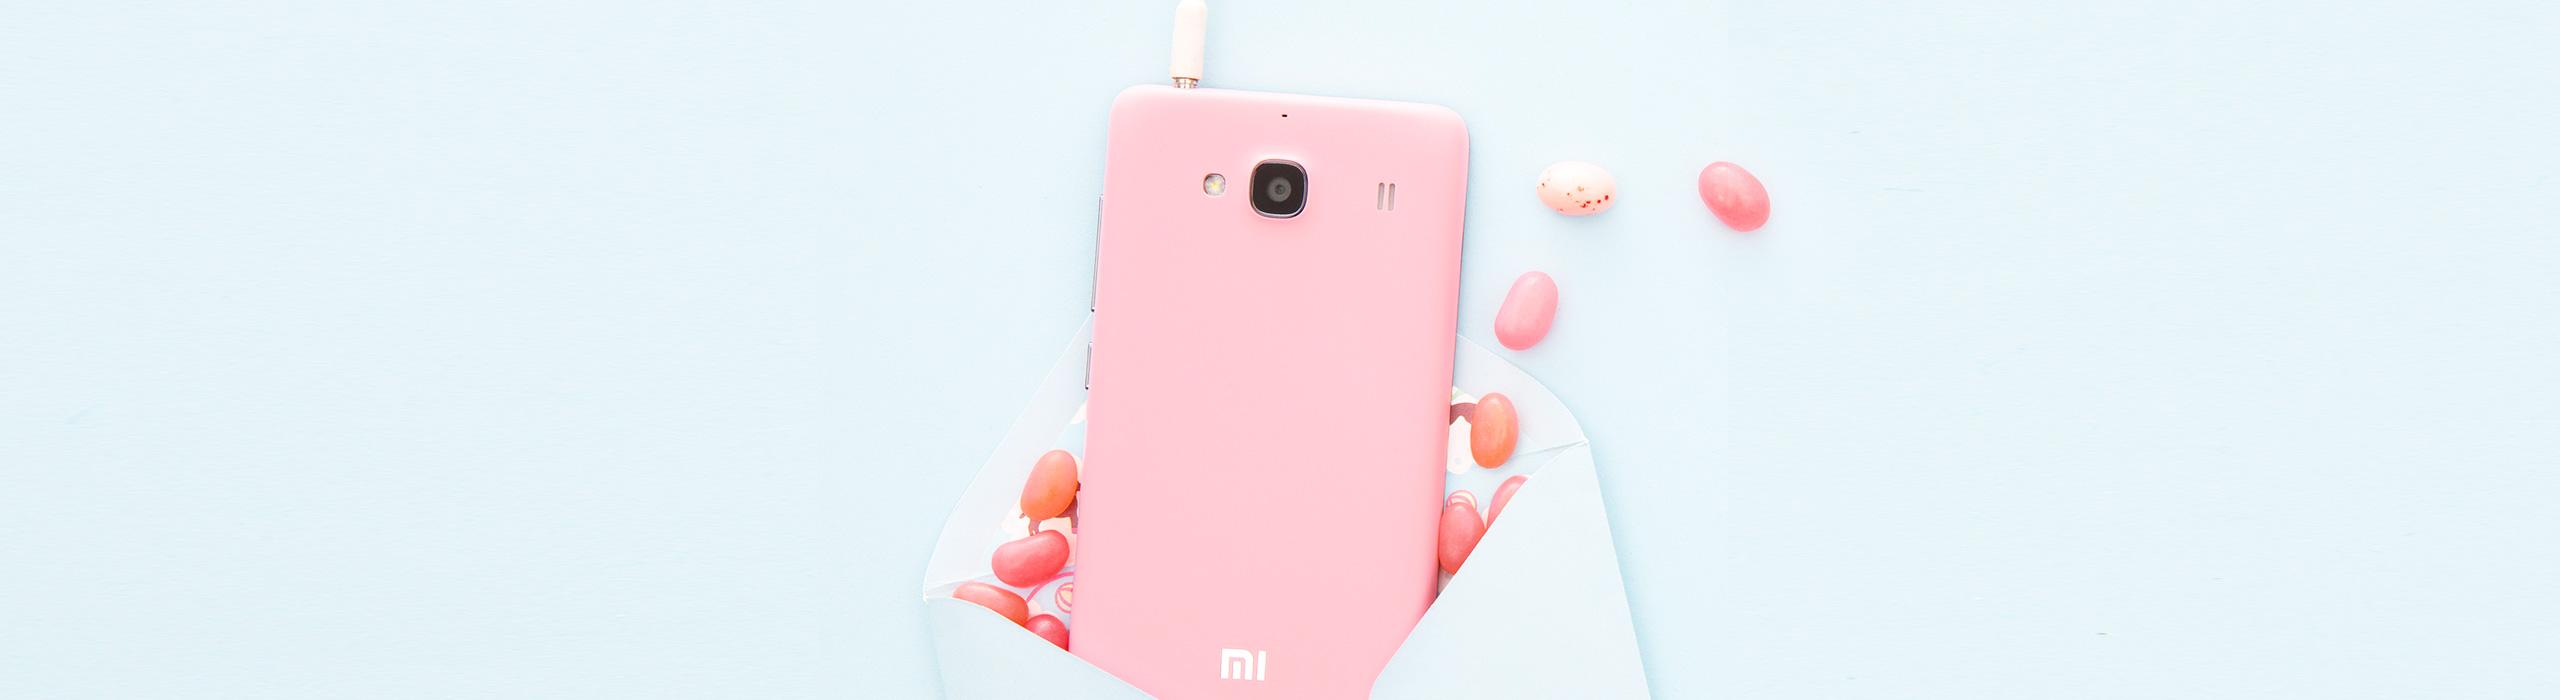 Xiaomi Redmi 2 ya es oficial: precio y características